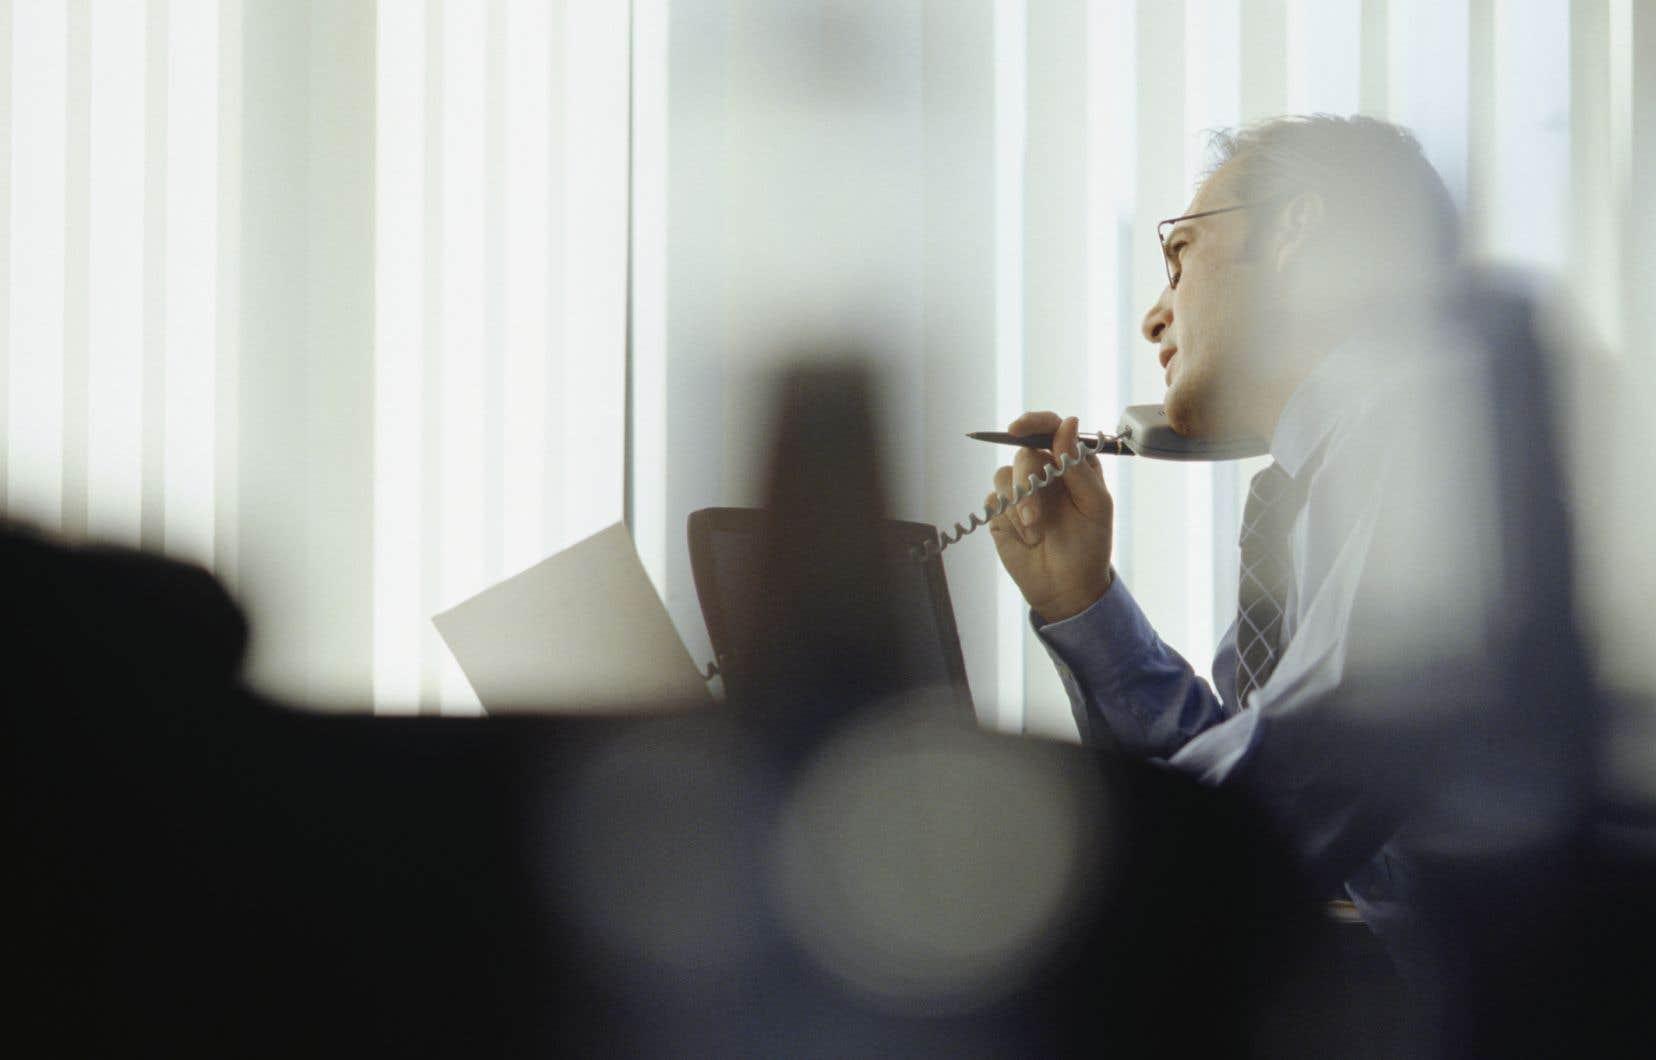 Selon un expert, les conseils d'administration des entreprises devront se pencher sur la rémunération future des dirigeants, présentement réduite ou suspendue dans certains cas.